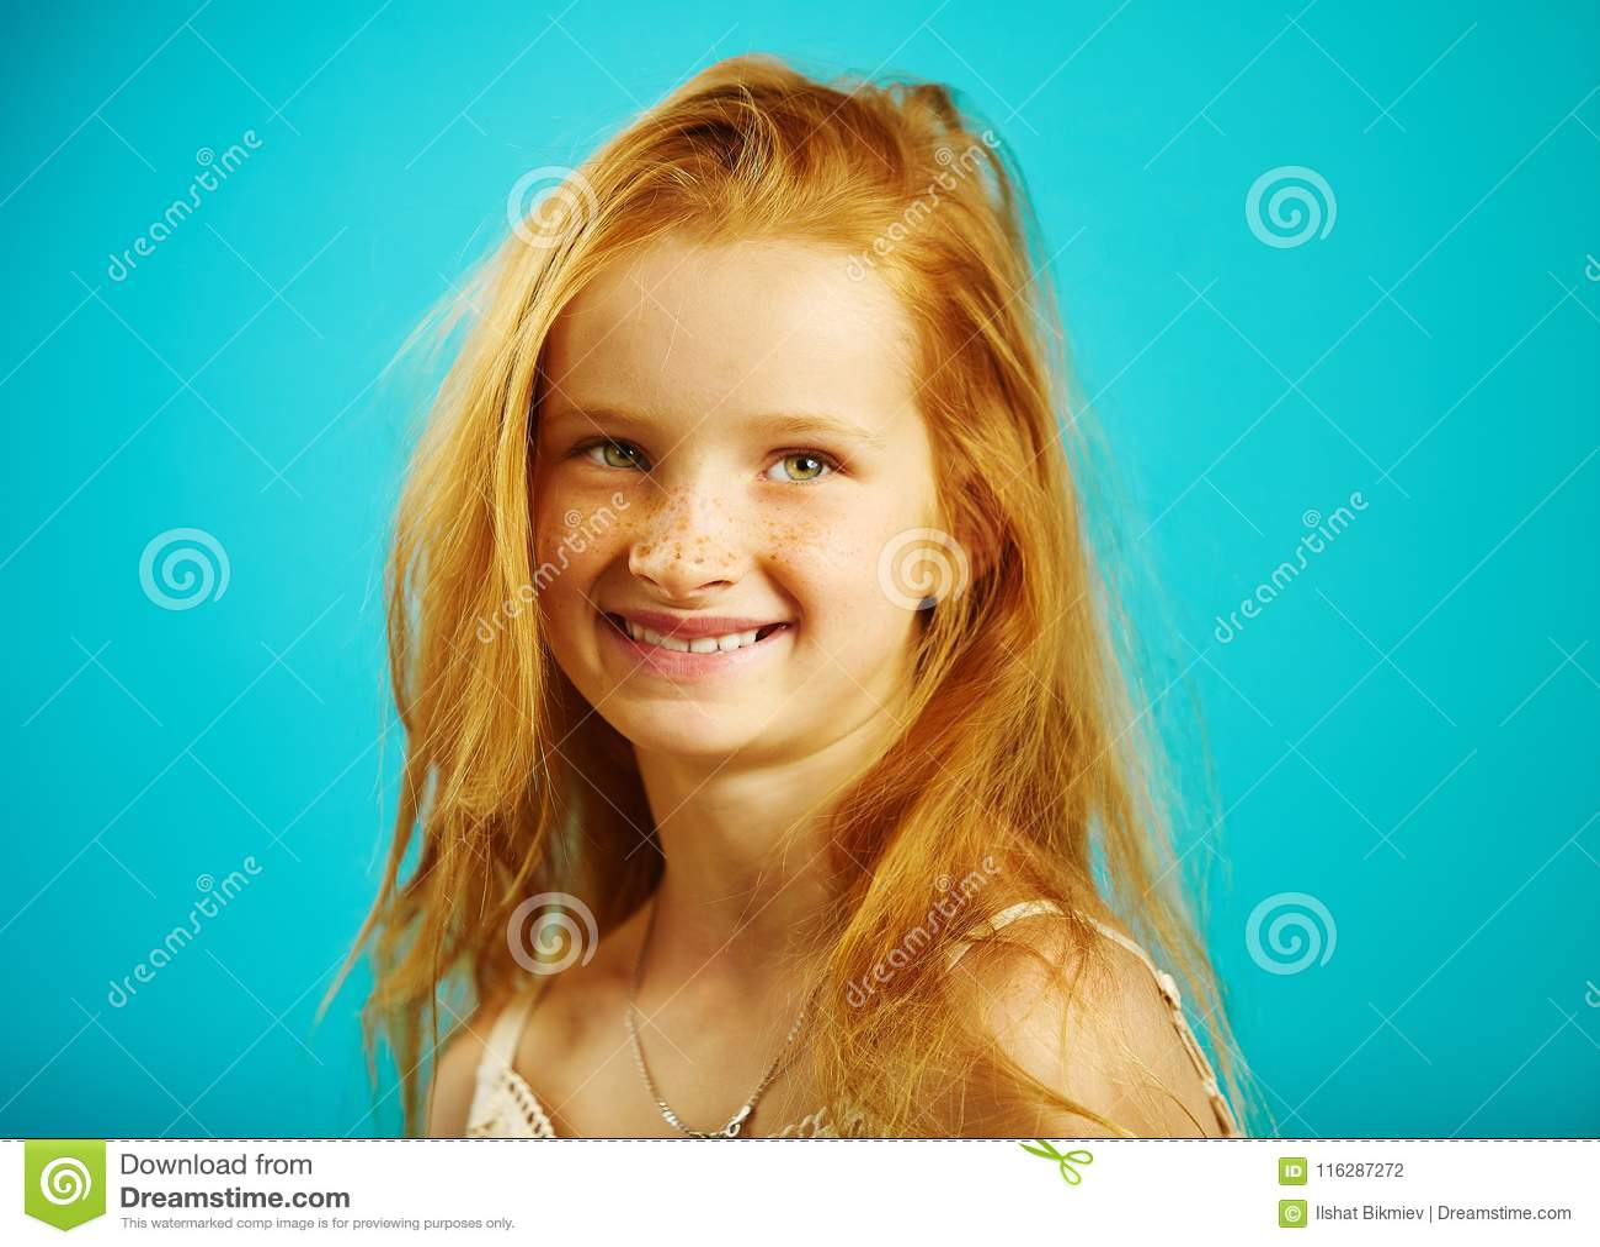 Портрет маленькой девочки 7 лет с пламенистыми красными волосами, милые веснушки, усмехаясь задушевно, выражает доверие и